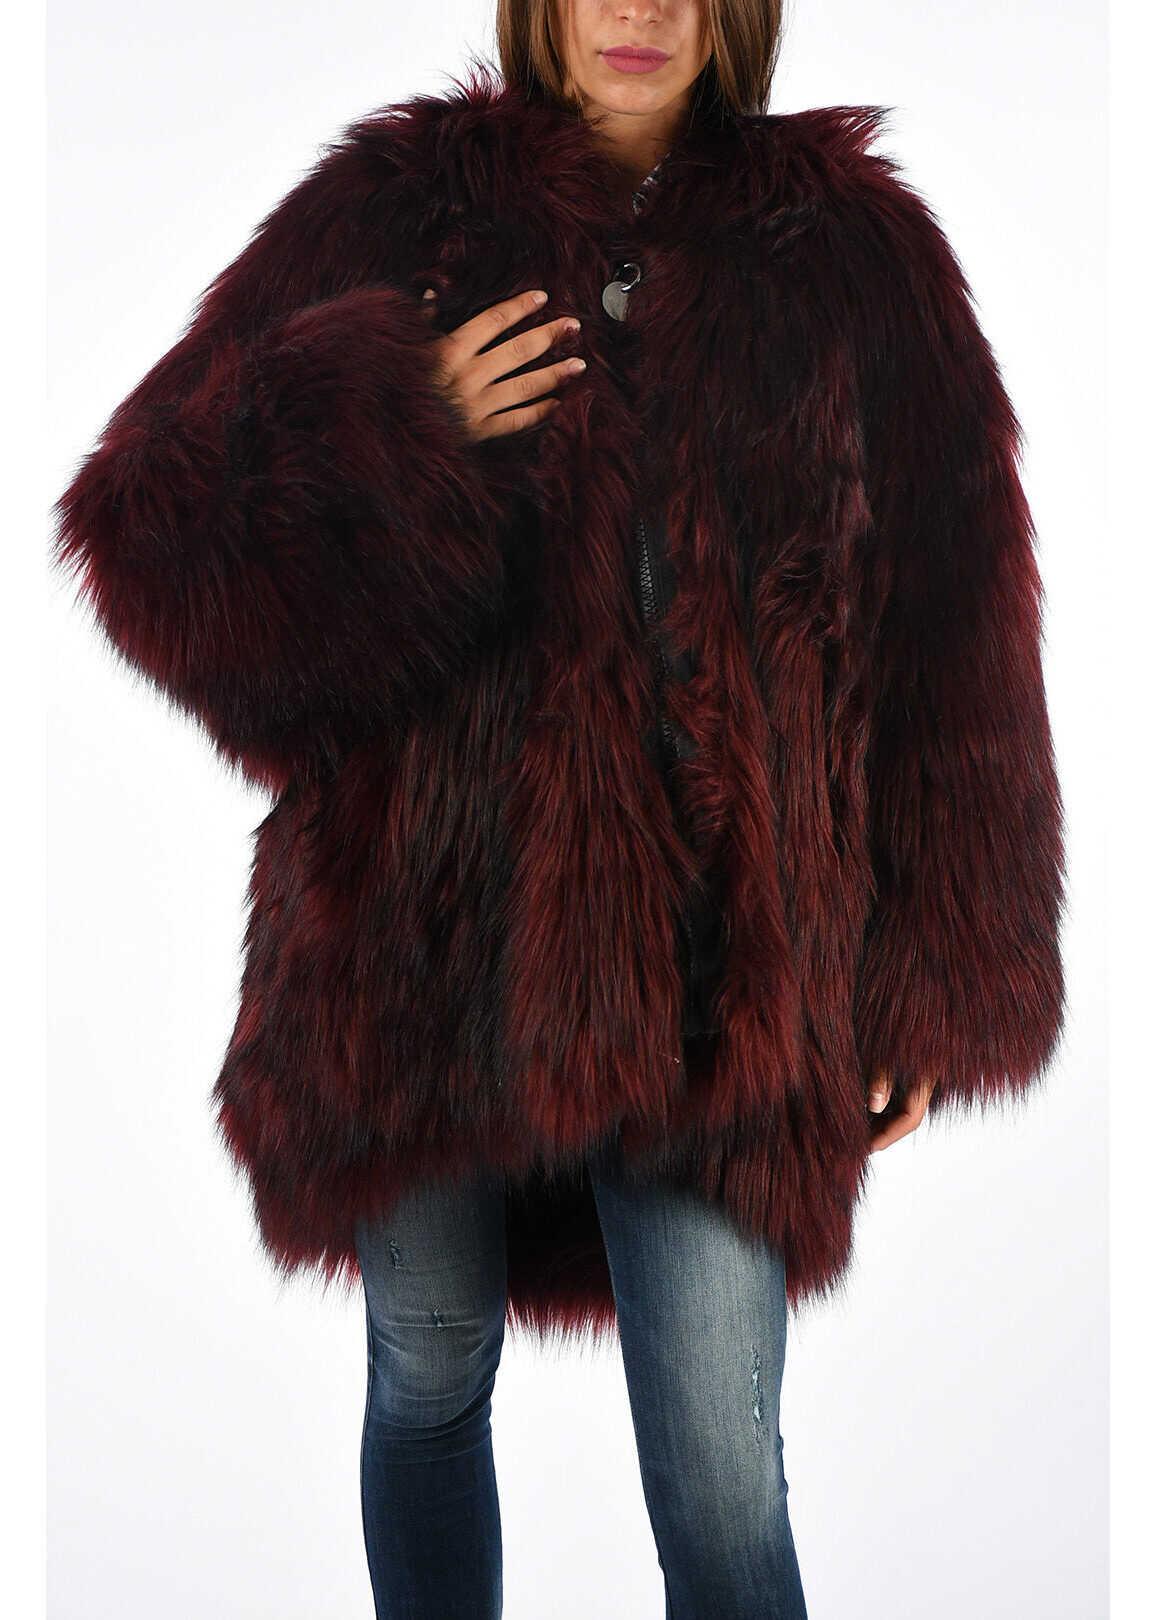 WISKE Faux Fur Jacket Reversible